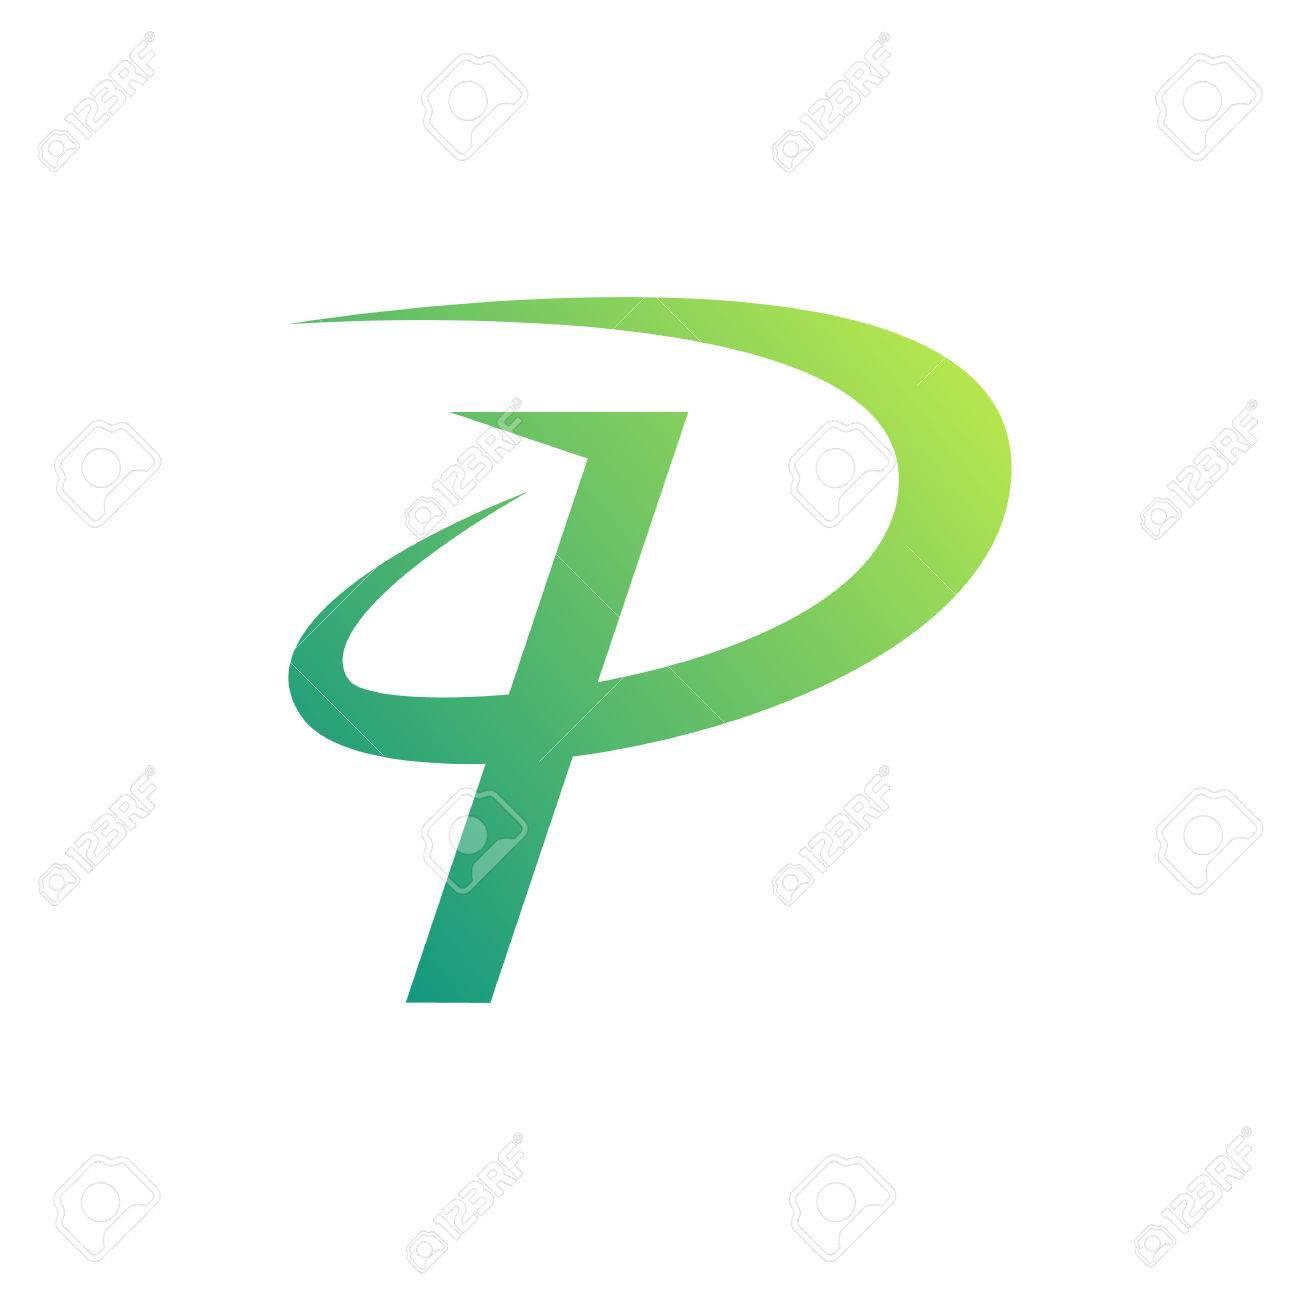 P Letter Images.Stylish Letter P